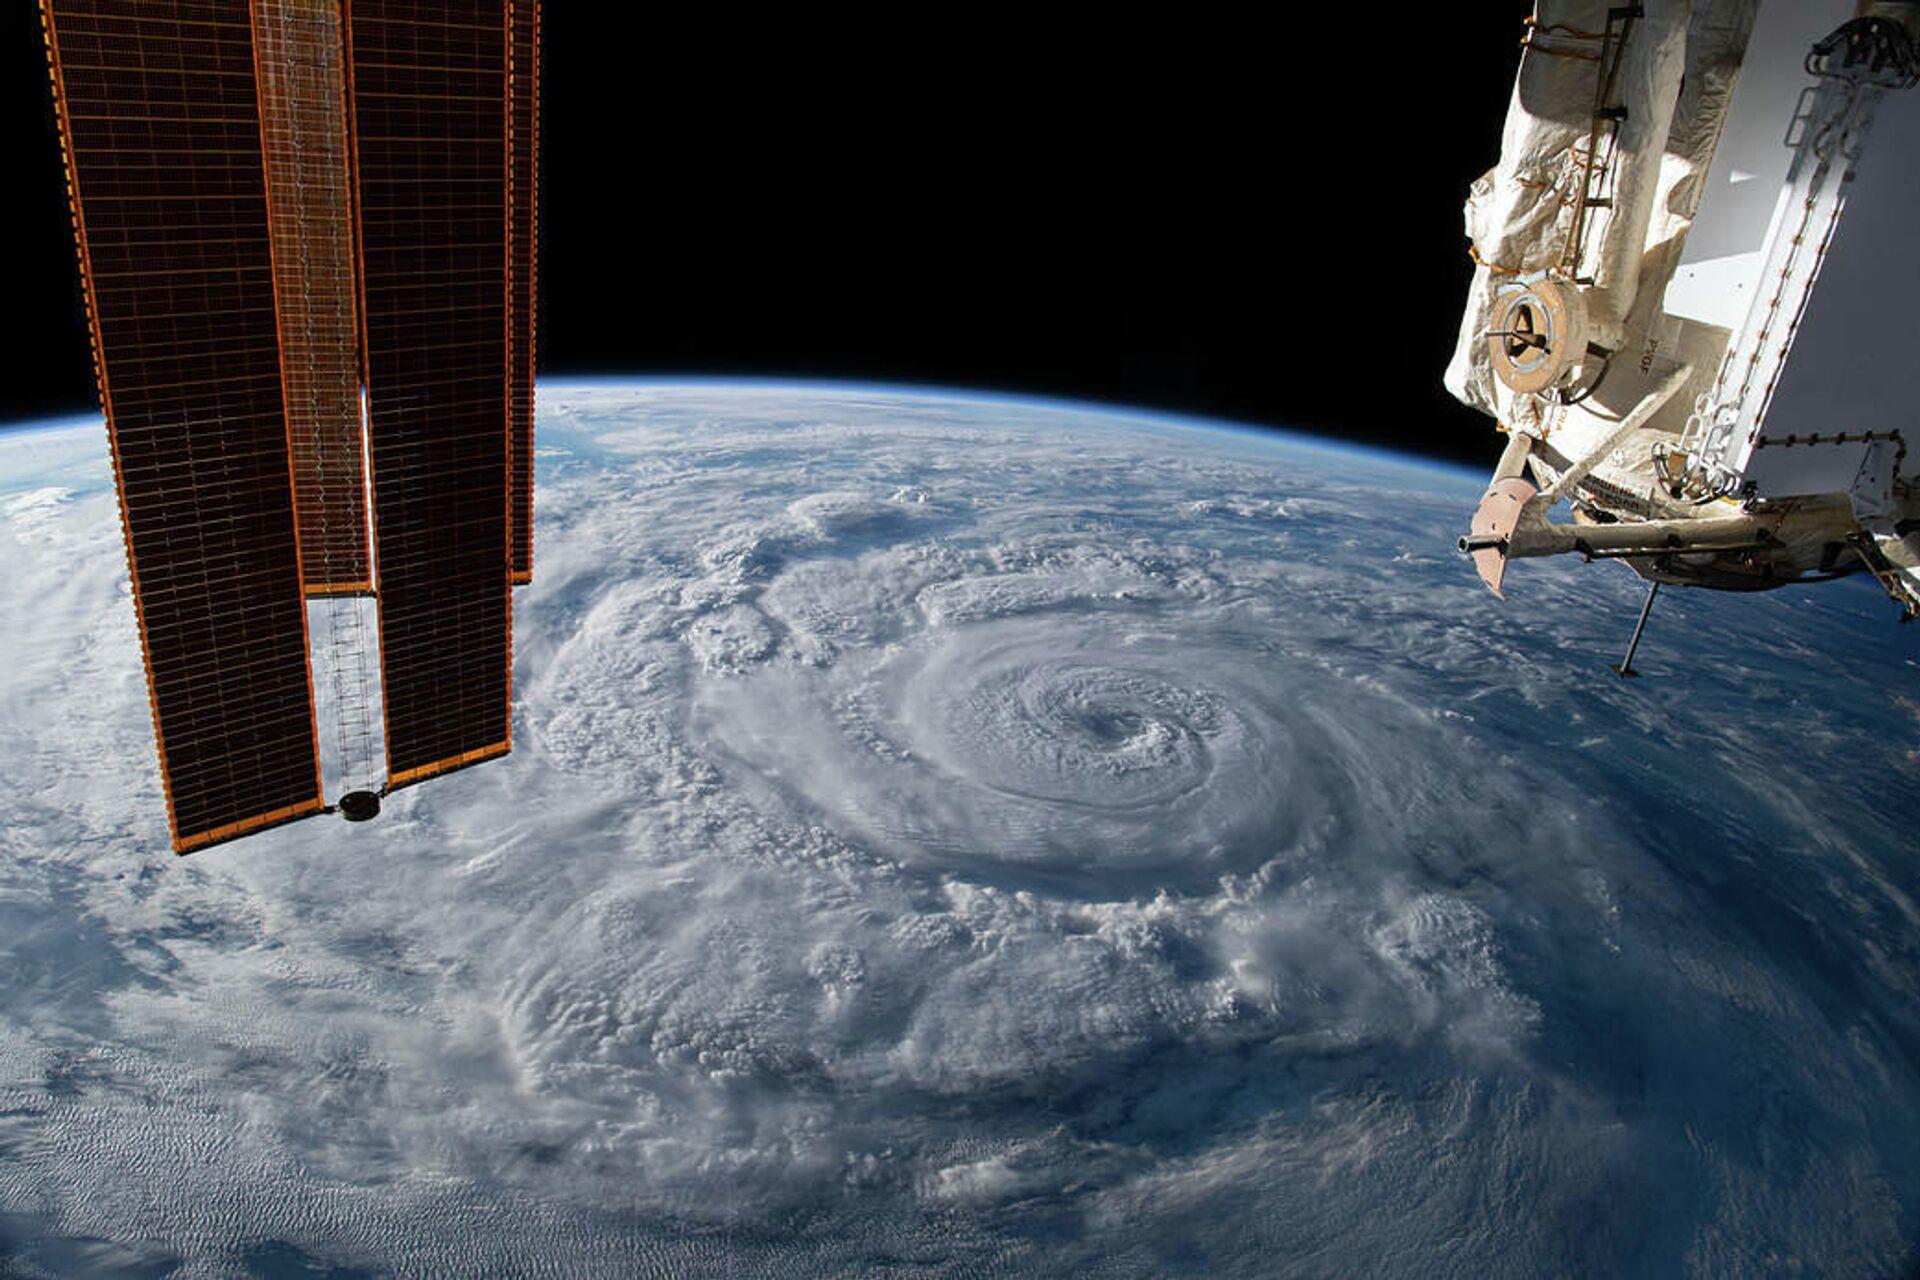 Ураган Женевьева у тихоокеанского побережья Мексики снятый с борта МКС - РИА Новости, 1920, 23.10.2020